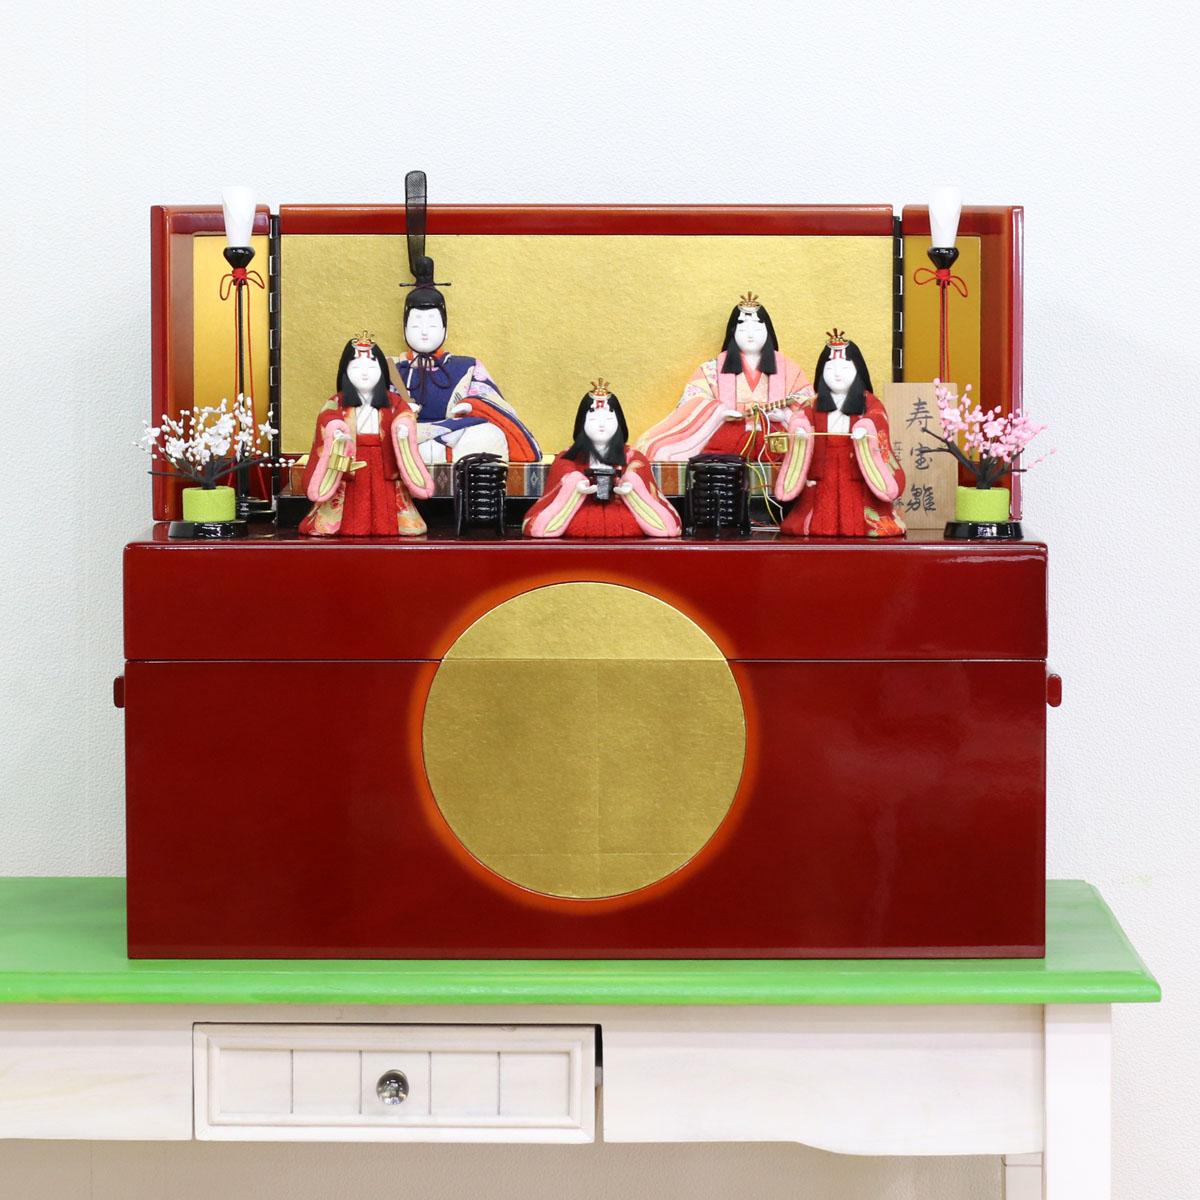 雛人形 真多呂 コンパクト 木目込み飾り 真多呂作 寿宝雛 五人揃い 収納飾り 雛人形 HNM-MTR-SH-01ひな人形 かわいい おしゃれ インテリア 雛 木目込人形飾り